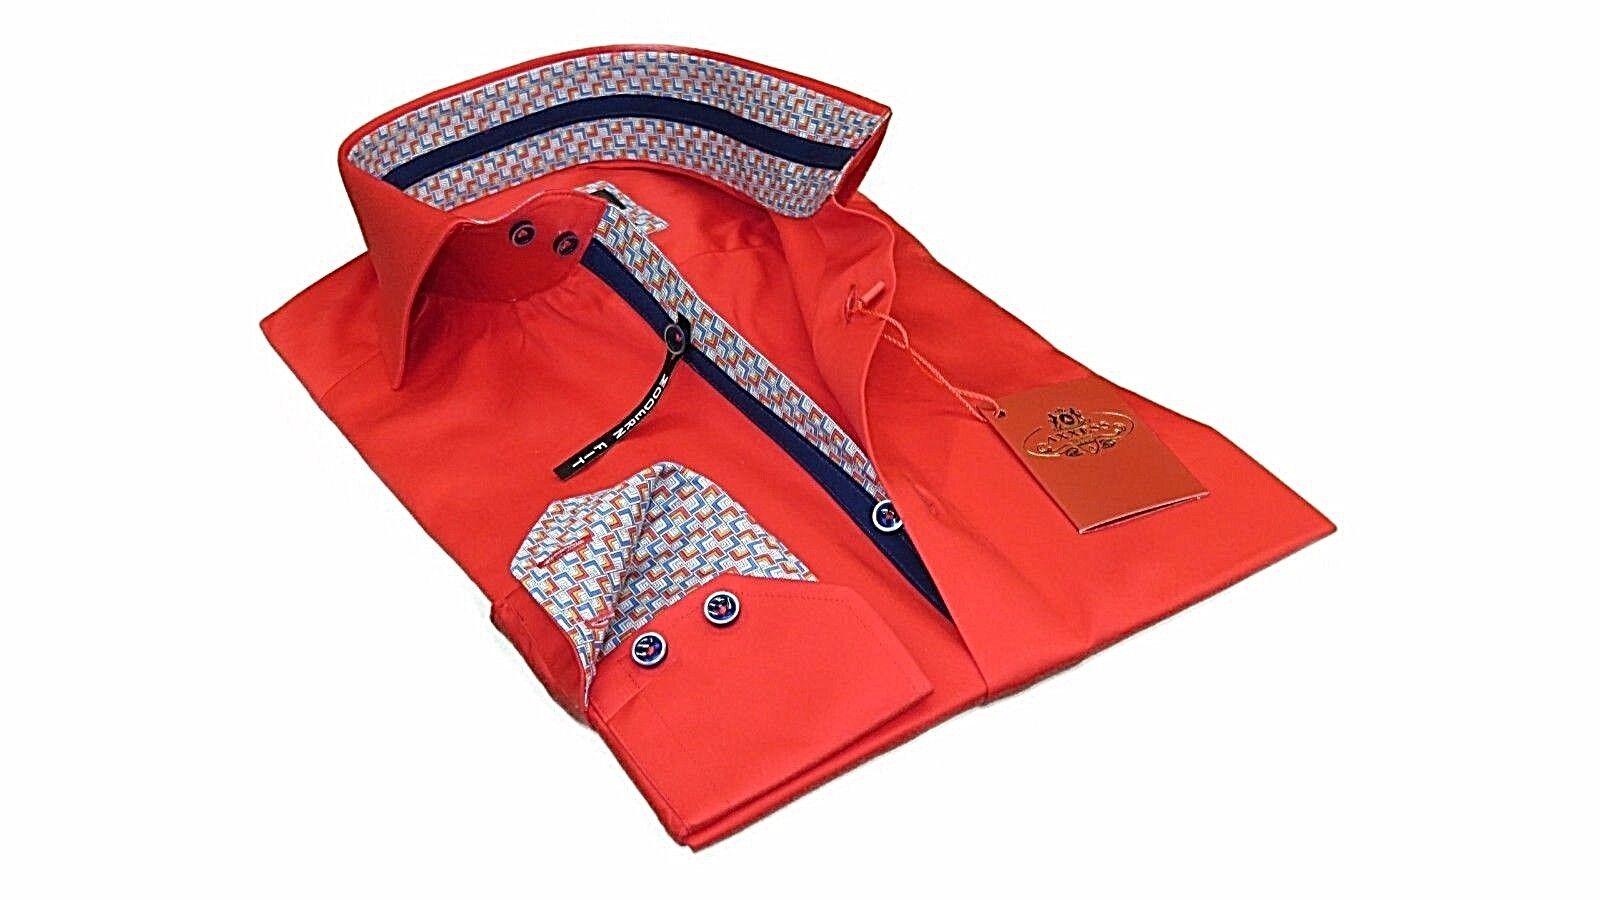 Men Axxess All Cotton Shirt Spread 2 Button High Collar Turkey 18-08 Fire ROT